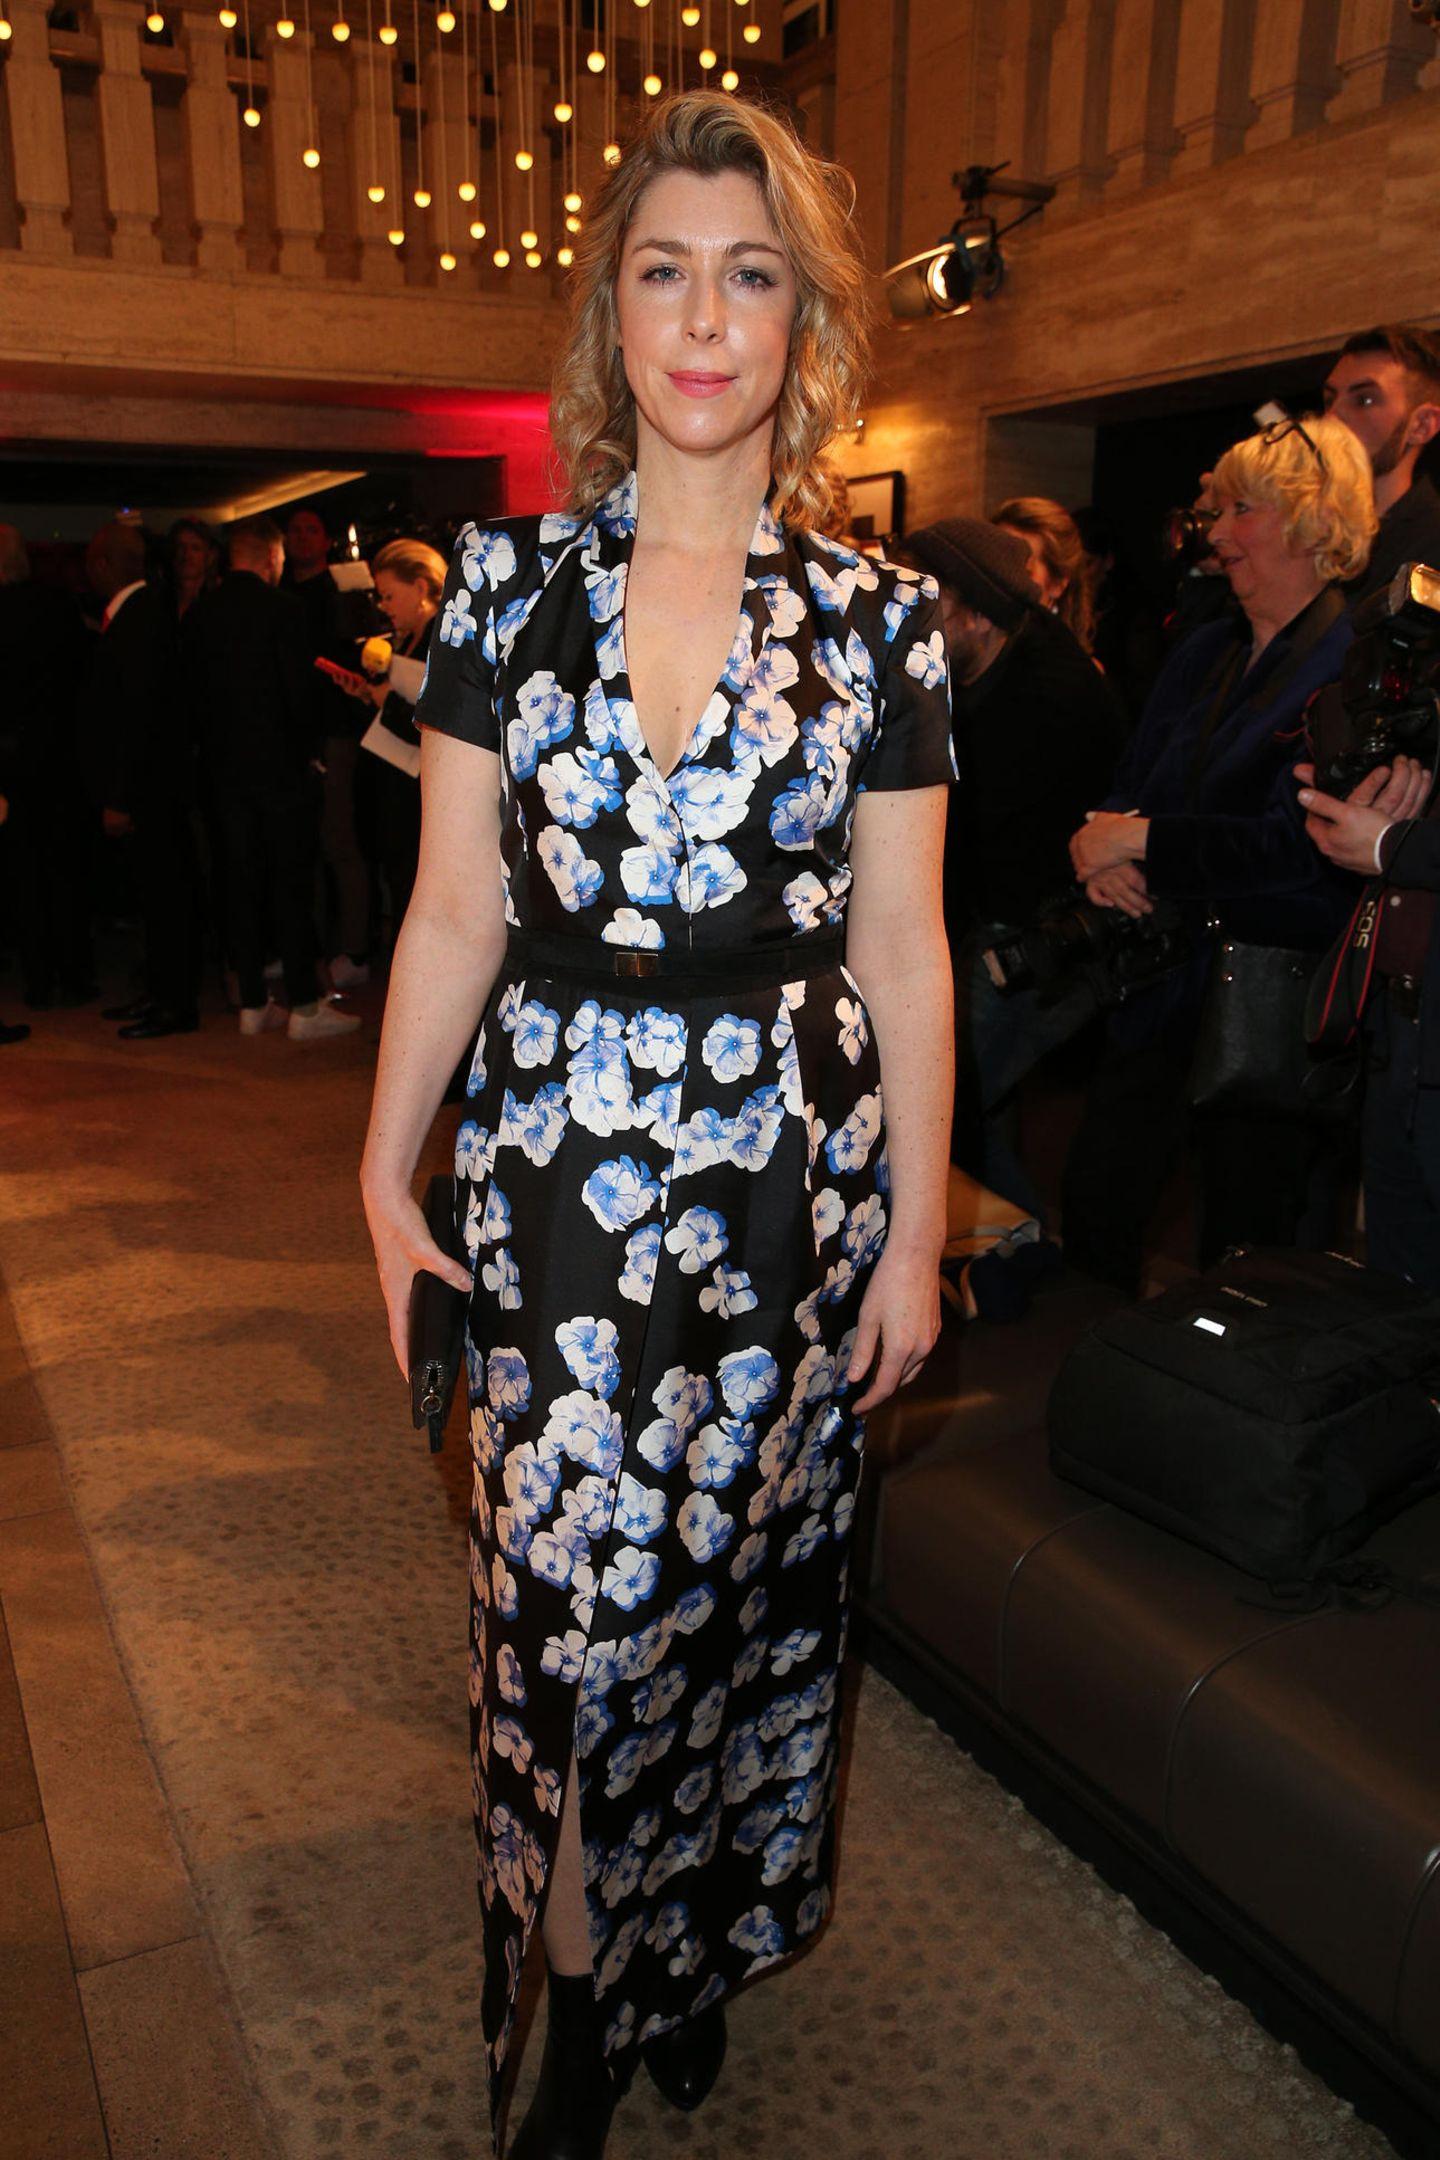 Schauspielerin Brigitte Zeh erscheint in einem bodenlangen Kleid mit Blümchen-Muster.